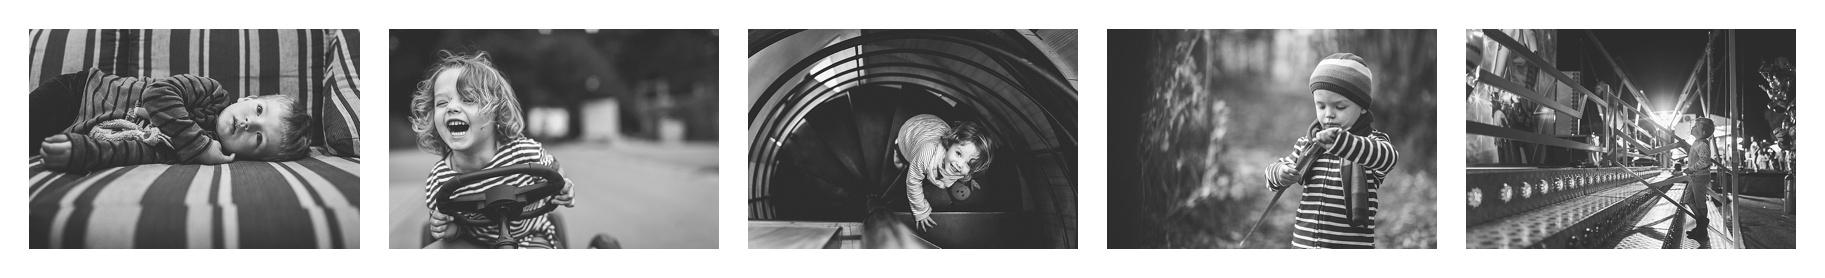 Photographe portrait Belgique Liege Verviers_0945